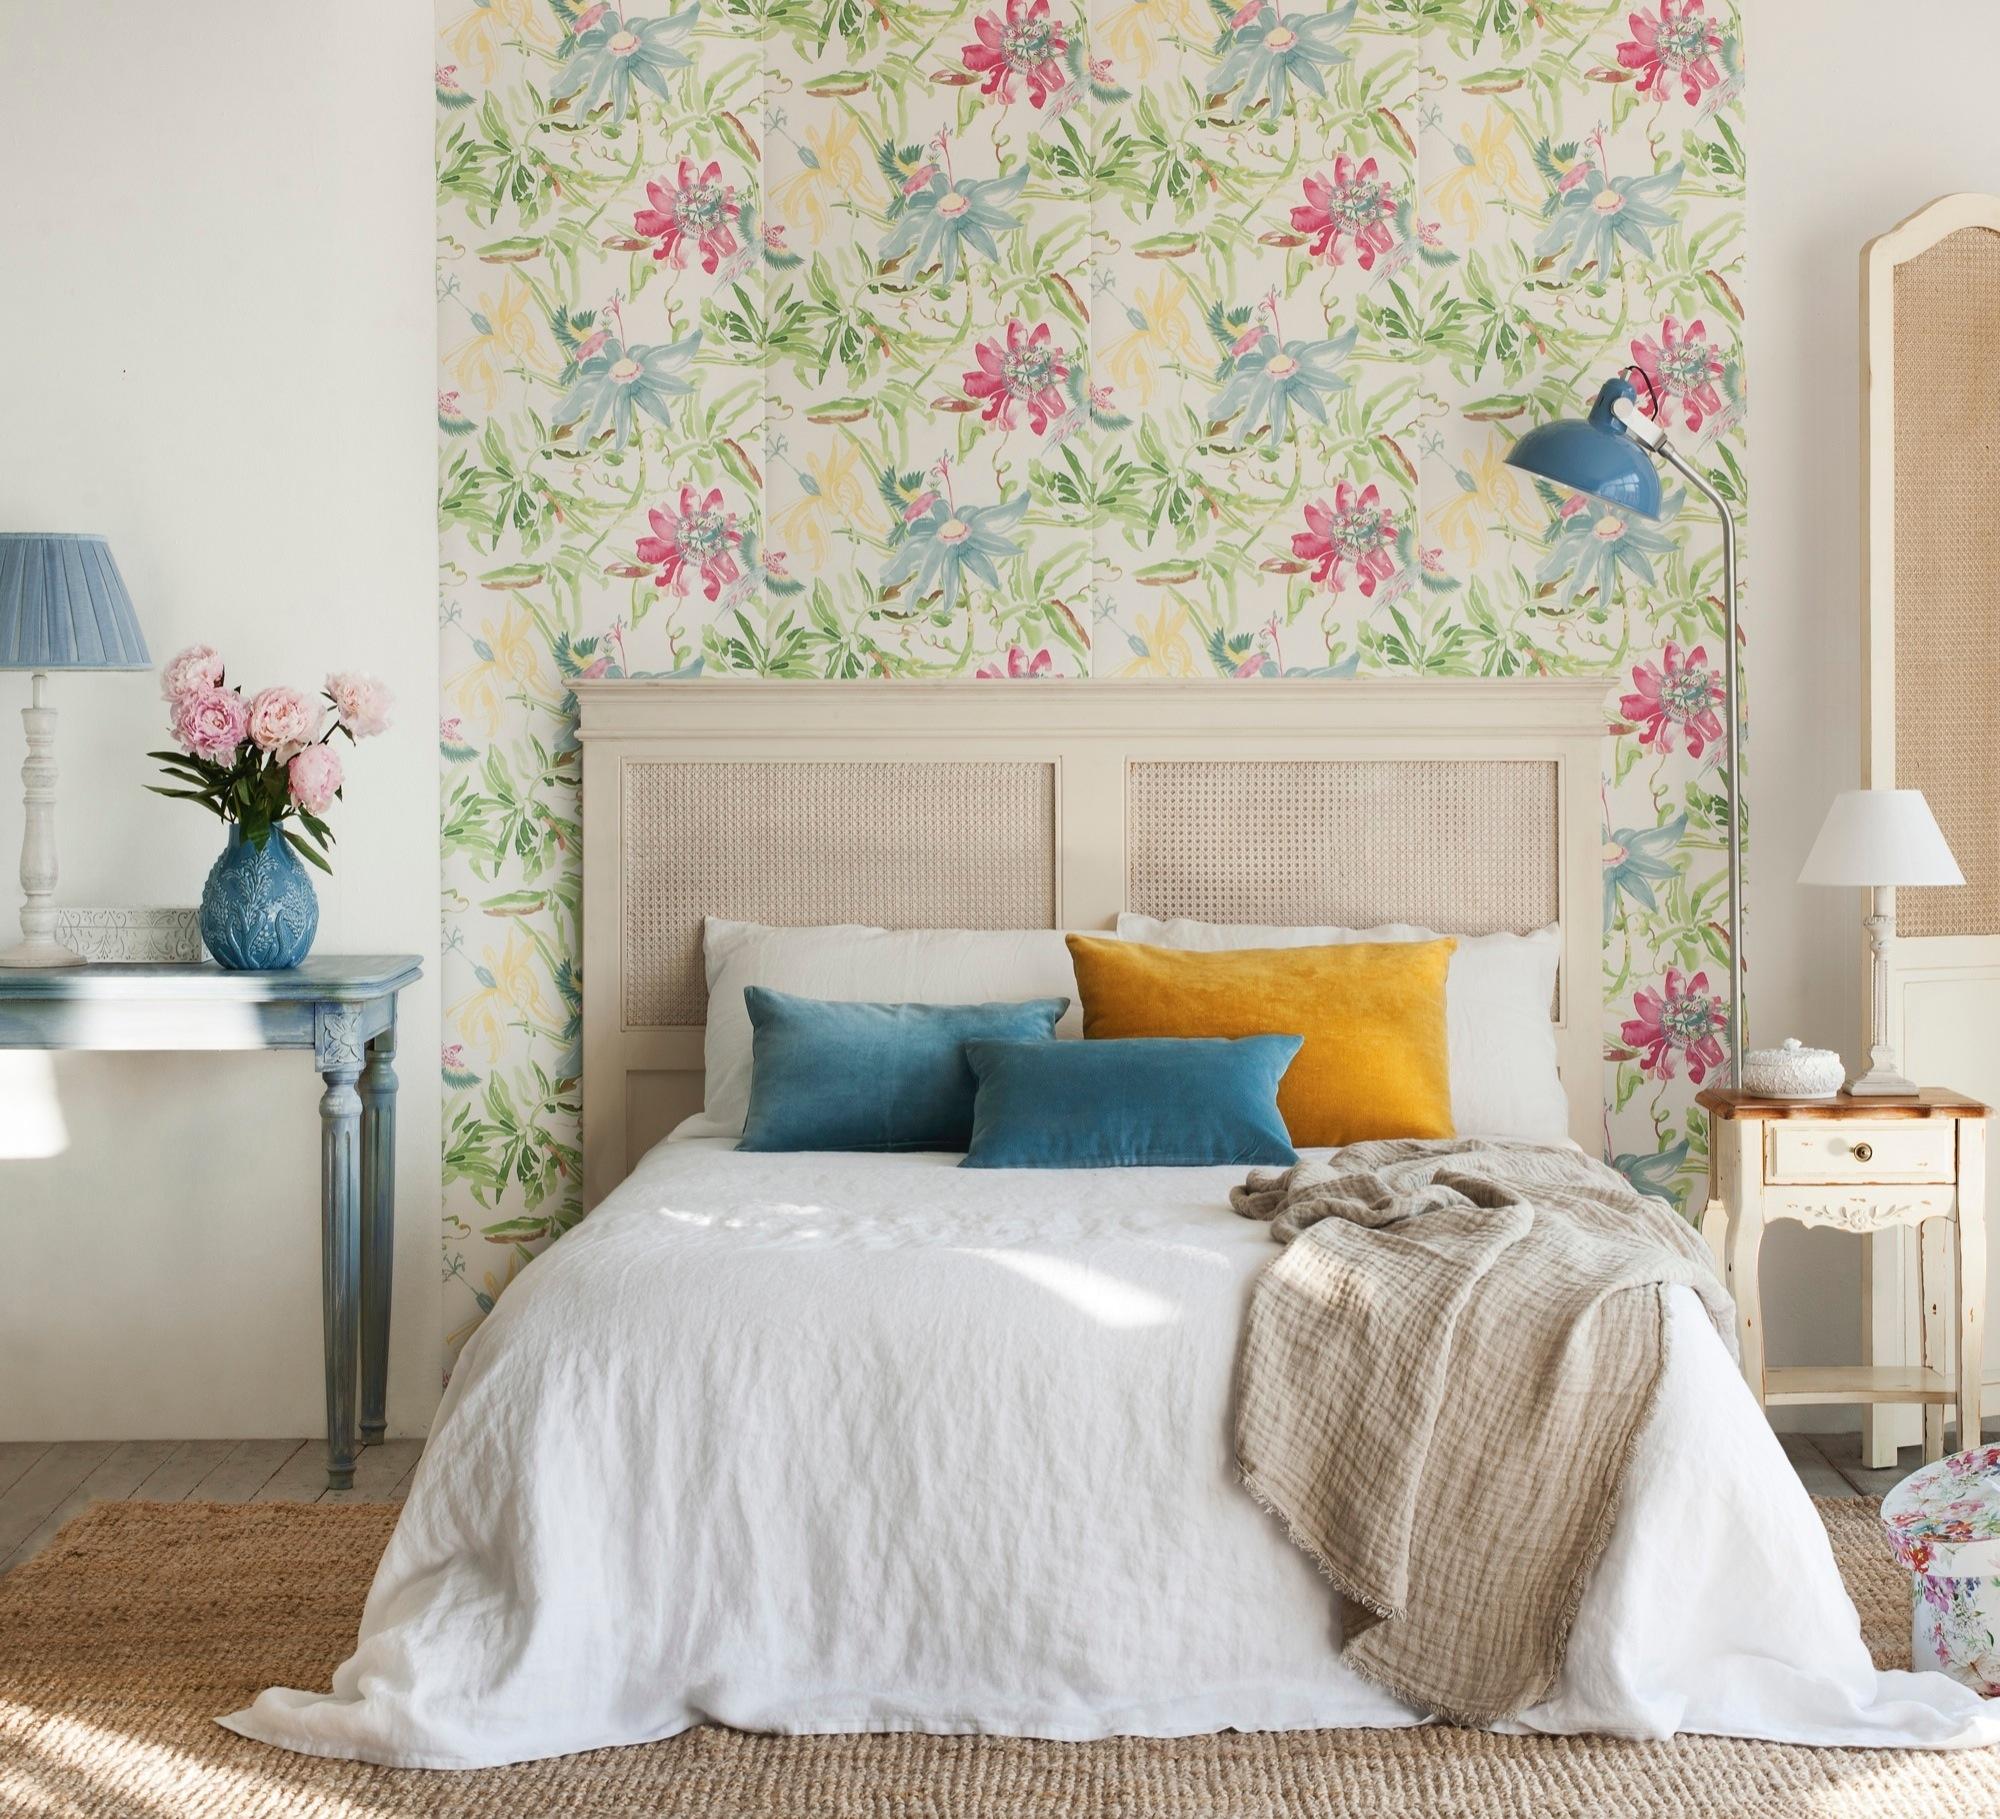 Papel pintado primaveral como terapia para un hogar positivo - Salones papel pintado ...